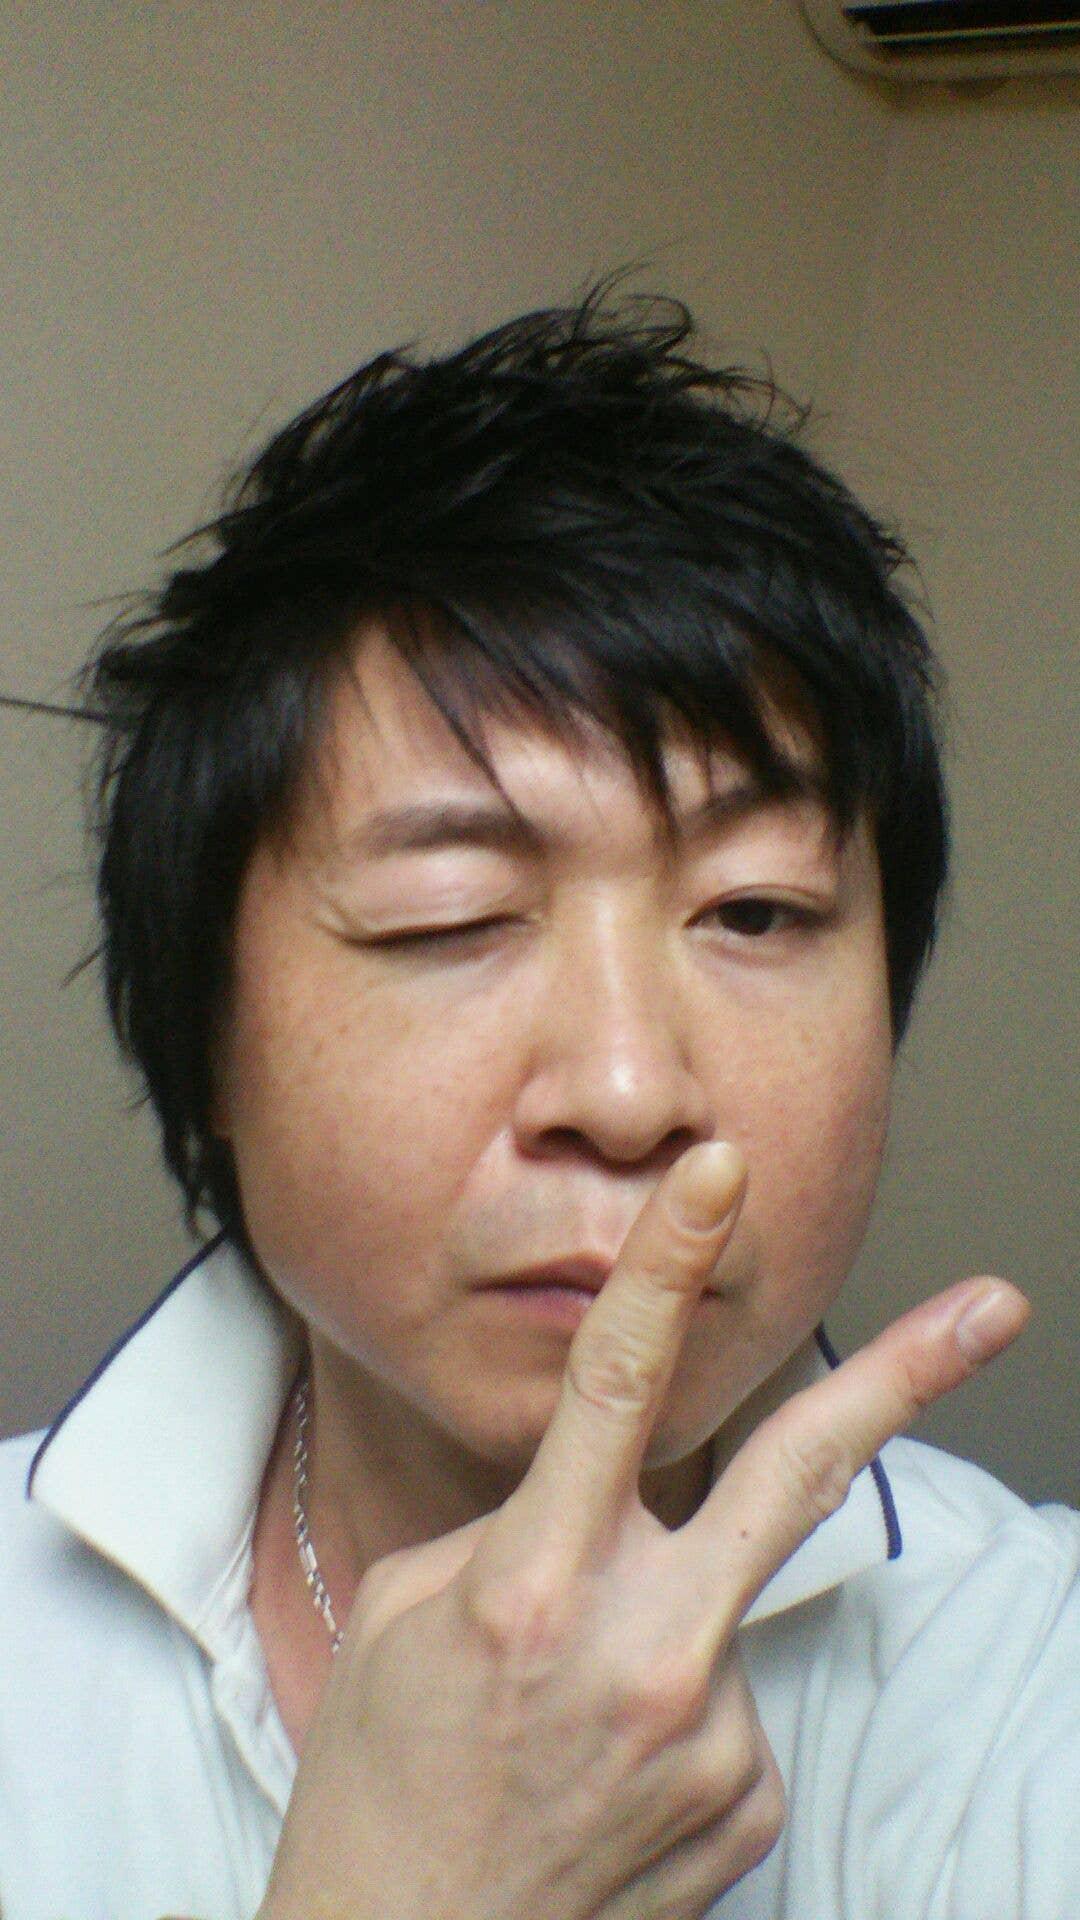 tsuyoshi k